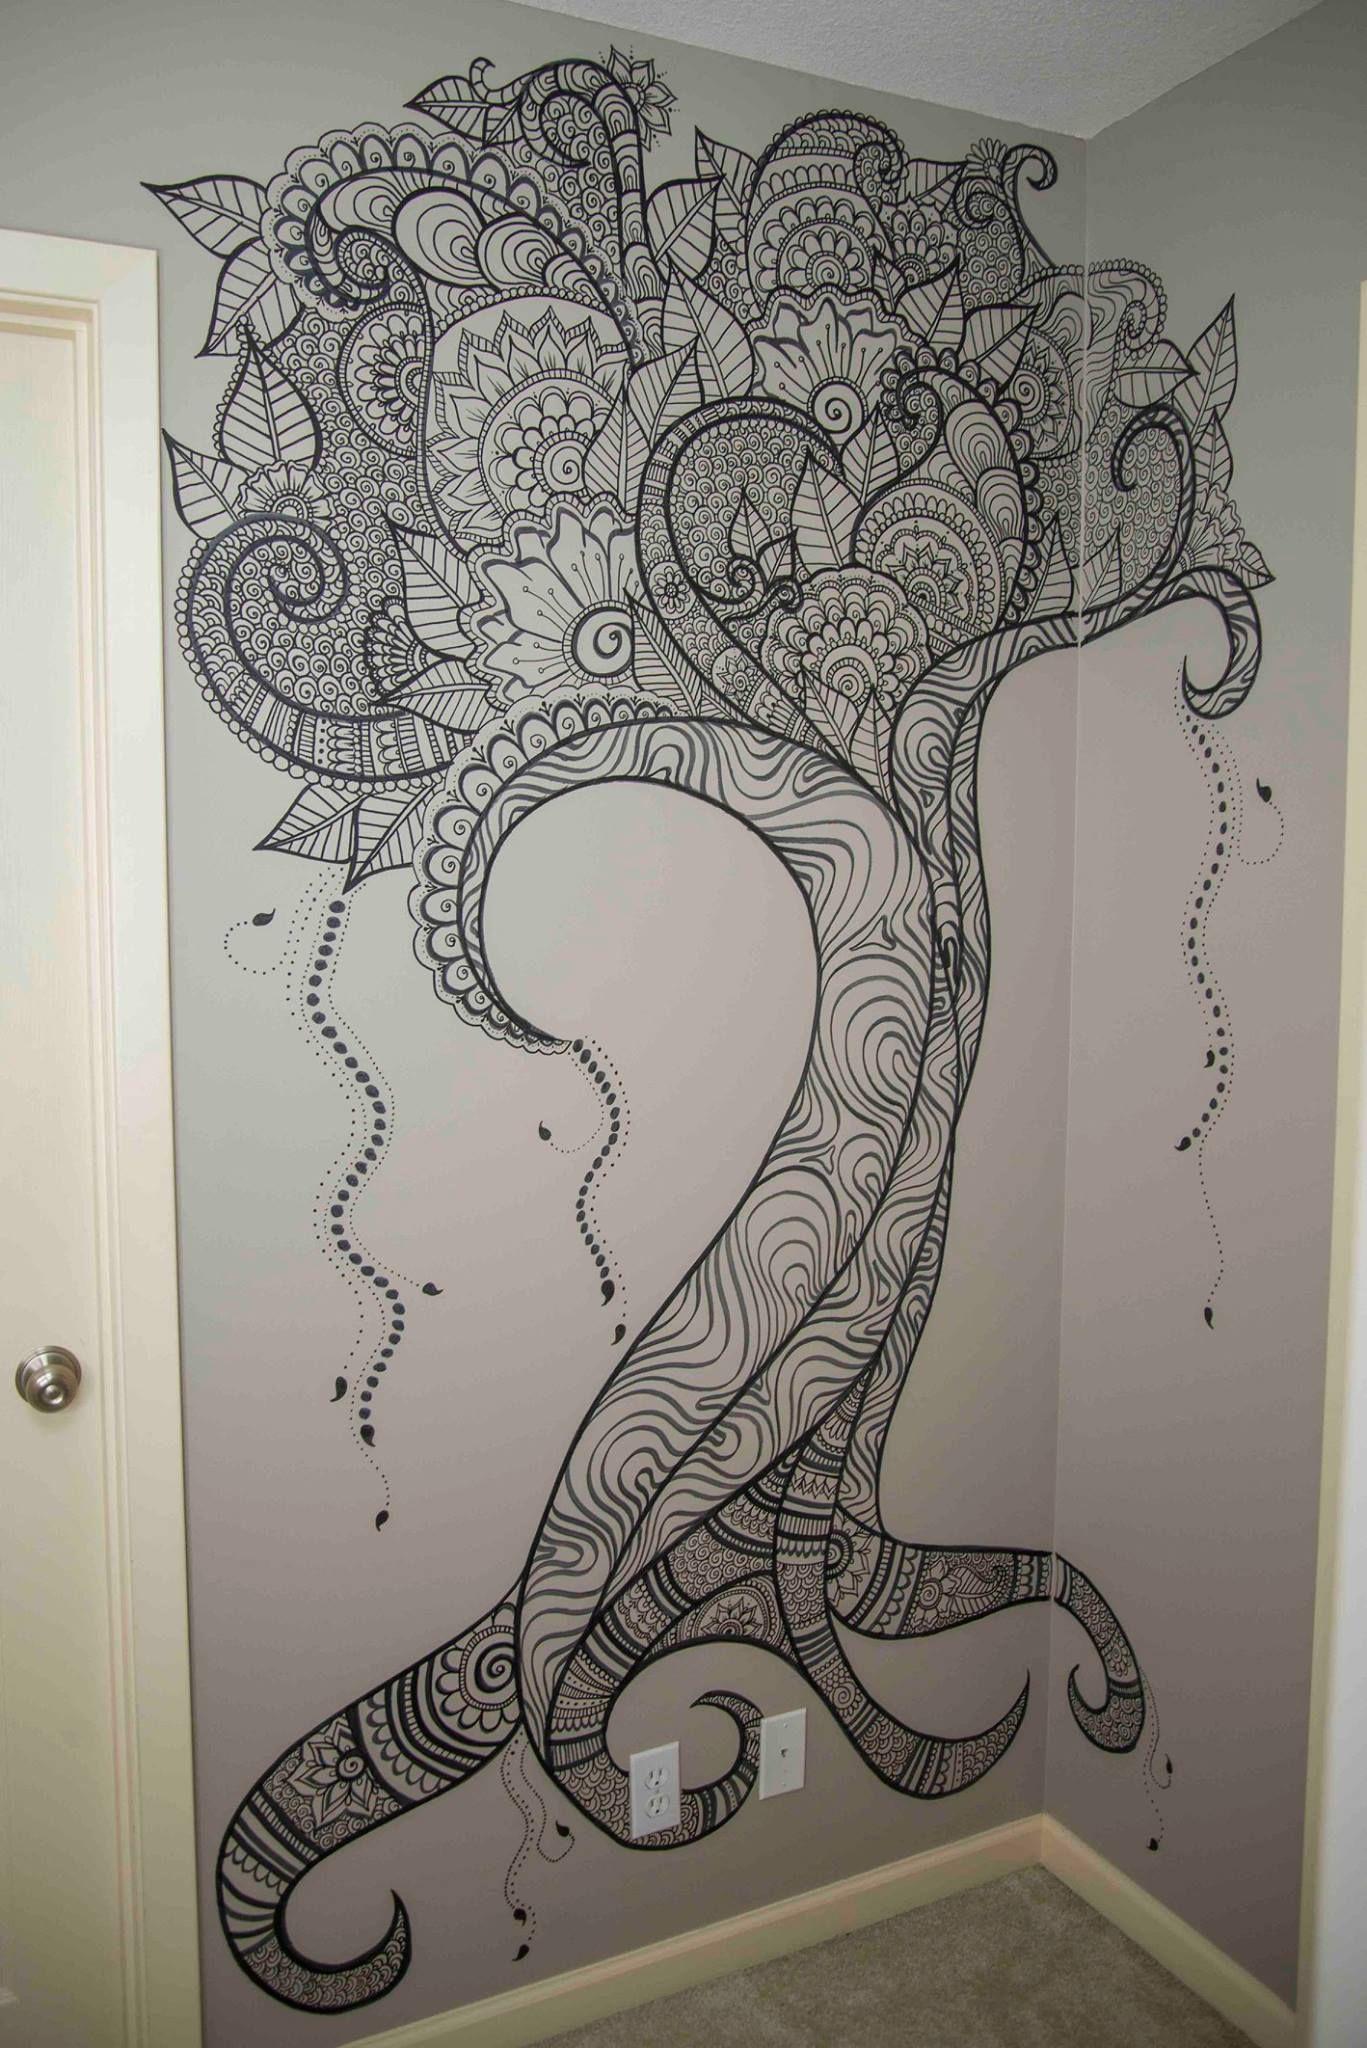 Pin By Kimberly Thomasson On Art Wall Tree Wall Art Art